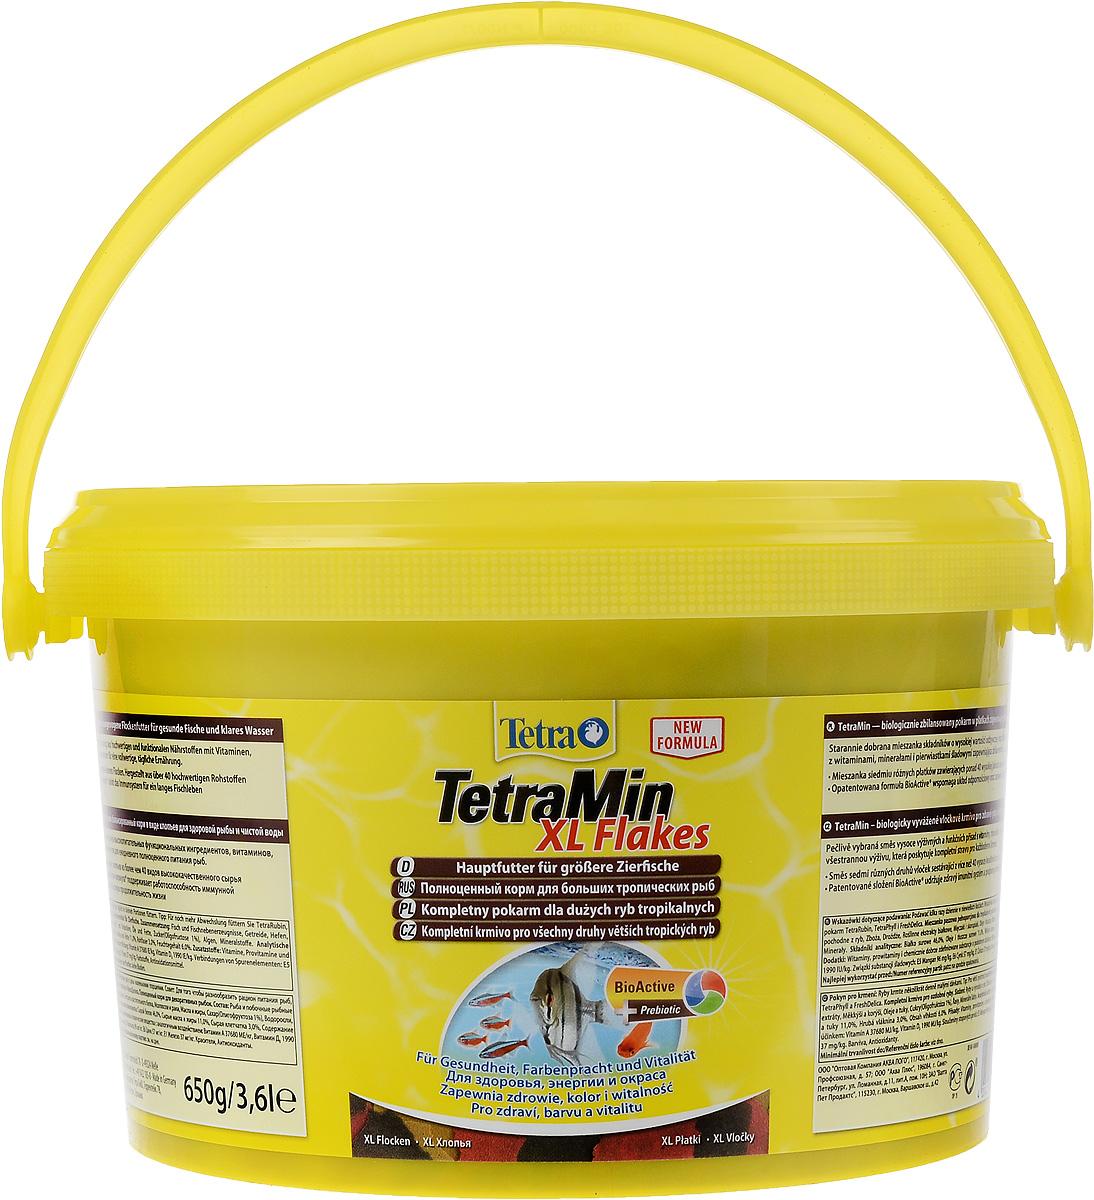 Корм Tetra TetraMin. XL Flakes для больших тропических рыб, крупные хлопья, 3,6 л (650 г)193789Корм Tetra TetraMin. XL Flakes - это биологически сбалансированный корм в виде хлопьев, предназначенный для больших тропических декоративных рыб. Тщательно подобранная смесь высокопитательных функциональных ингредиентов, витаминов, минералов и микроэлементов для ежедневного полноценного питания рыб. С хлопьями TetraMin ваши рыбки питаются безопасным кормом в виде хлопьев, подходящим по размеру для больших рыб. Смесь семи разных видов хлопьев из более чем 40 видов высококачественного сырья легко усваивается рыбами. Исключительное свойство хлопьев плавать и медленно погружаться в воду обеспечивает оптимальное поглощение корма разными видами рыб. Запатентованная БиоАктив-формула поддерживает работоспособность иммунной системы, обеспечивая высокую продолжительность жизни. Корм содержит пребиотики для улучшенного функционирования организма и усвоения питательных веществ. При регулярном кормлении TetraMin сокращается концентрация...